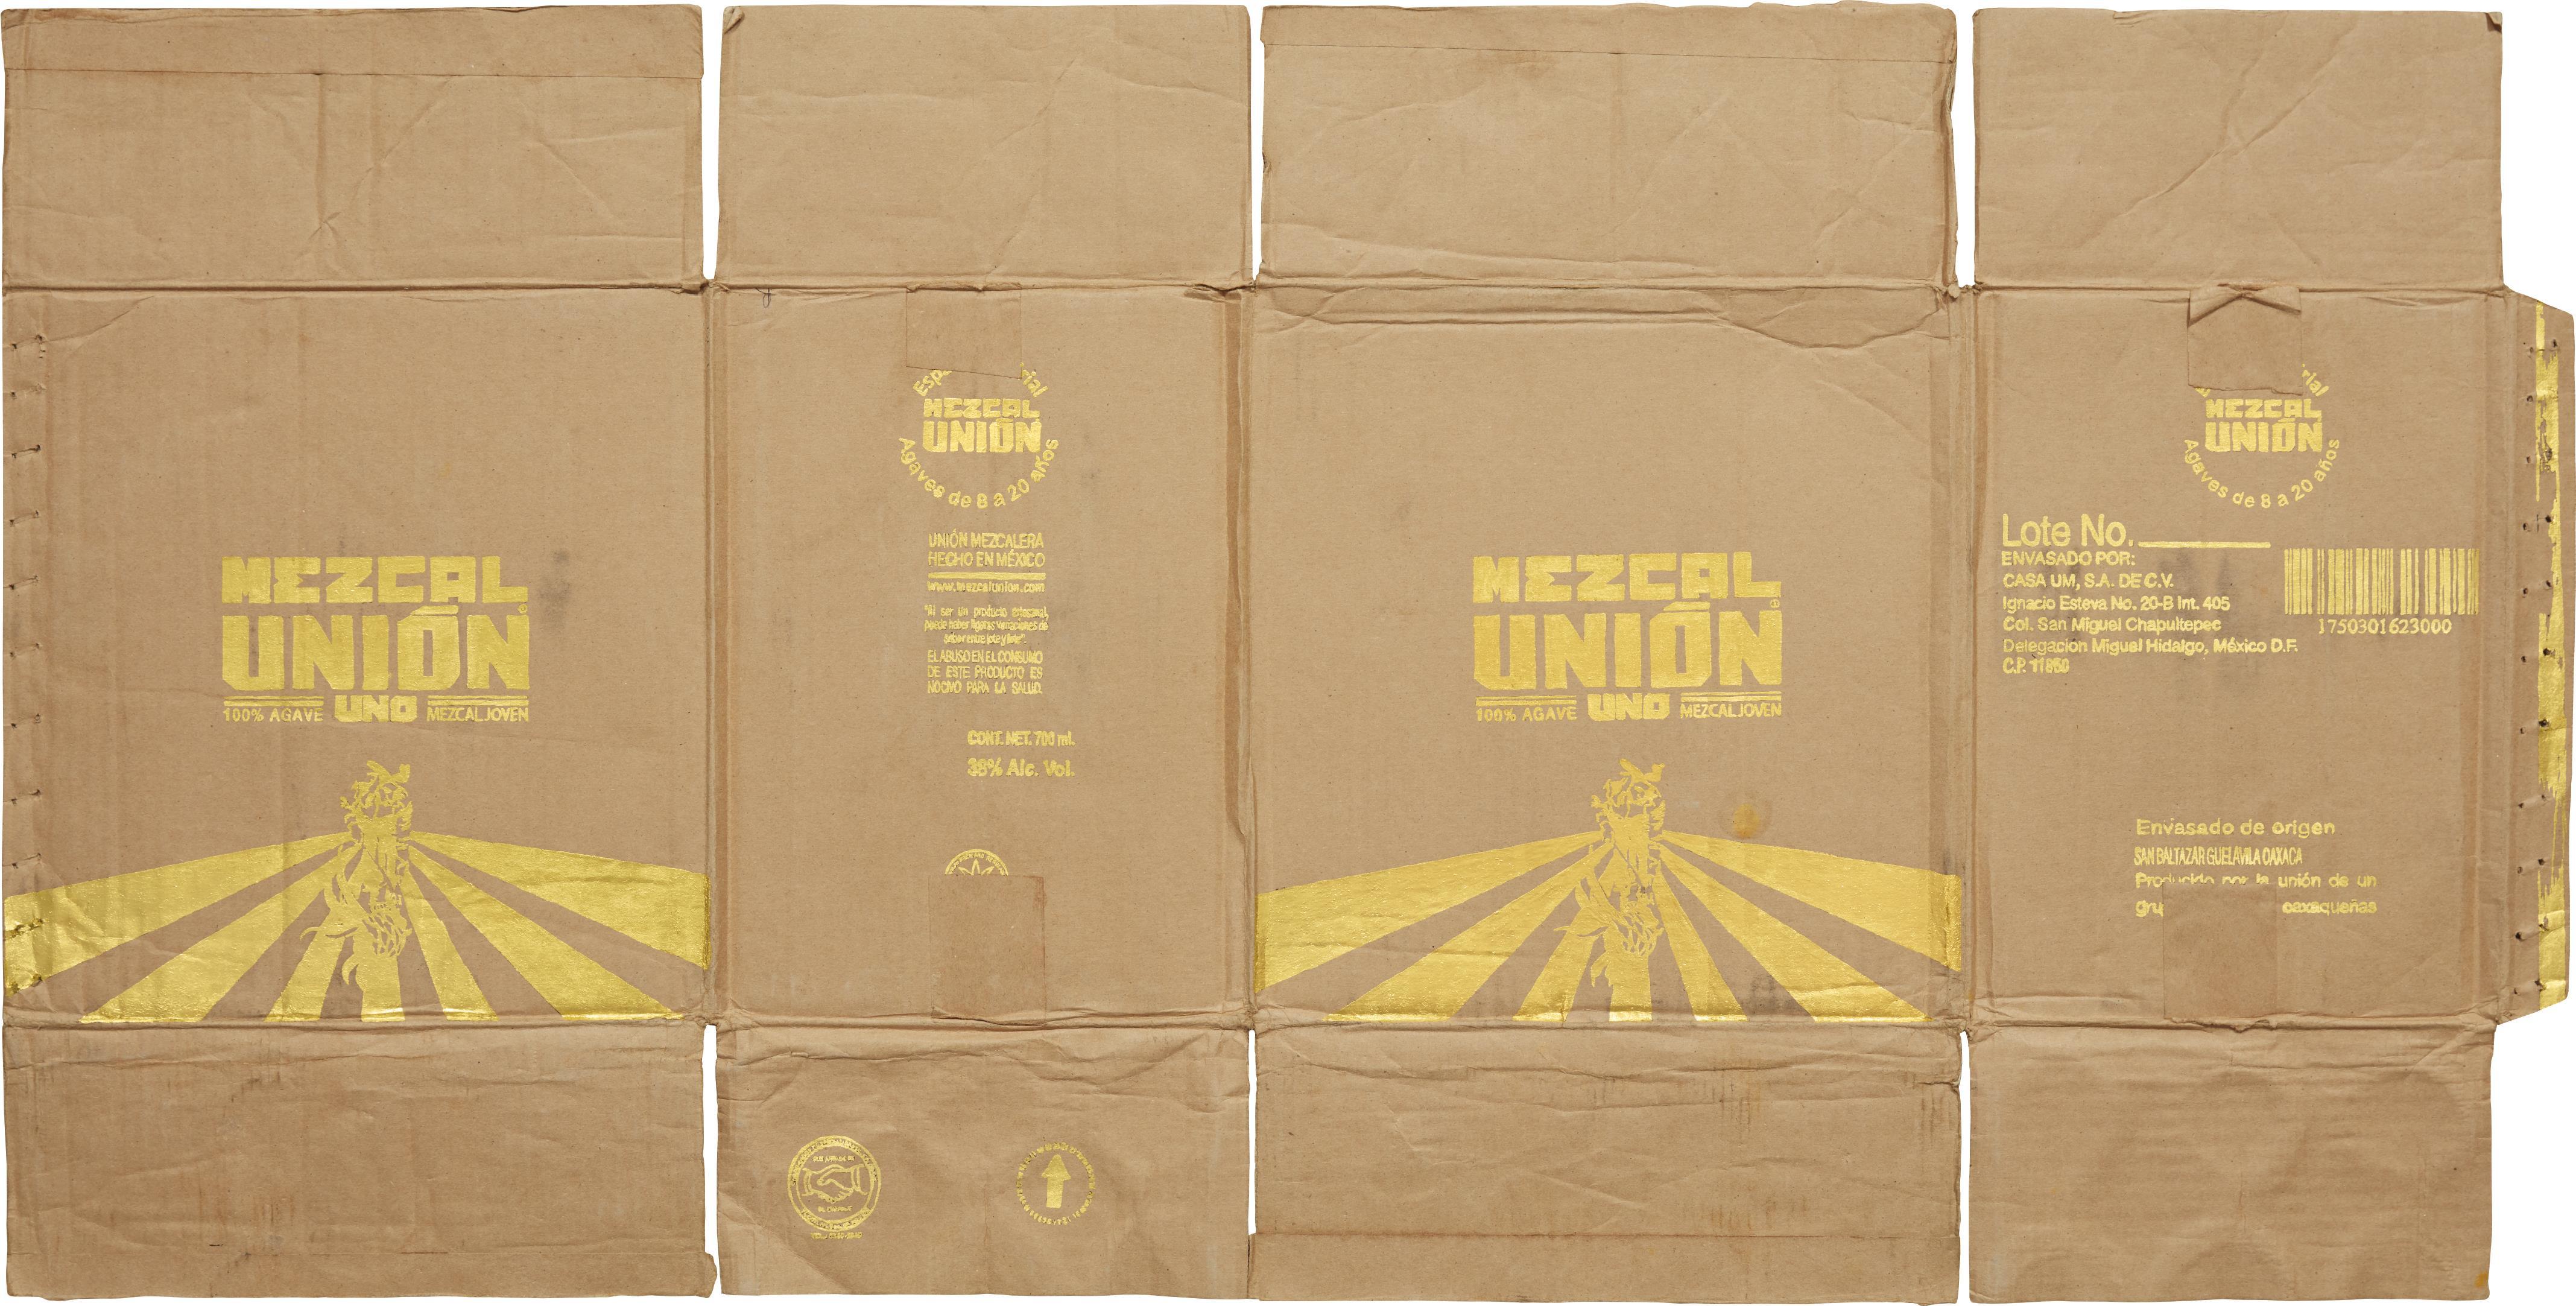 Danh Vo-Mezcal Union-2010